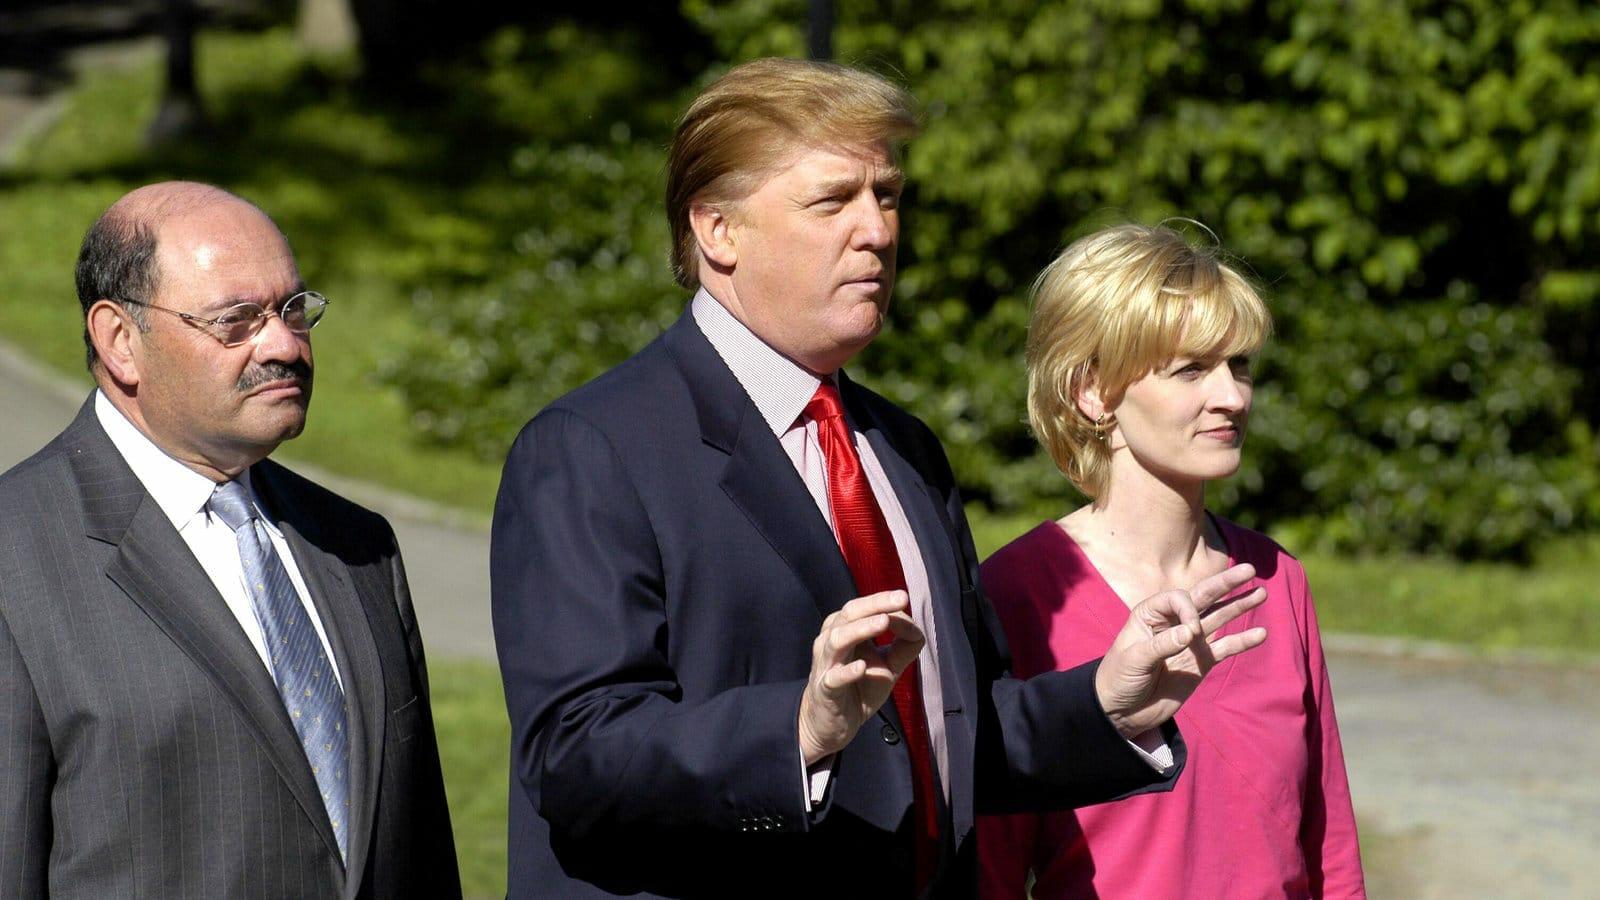 فضيحة مدوية .. ترامب يتحرش بابنة زوجة محاسبه الخاص في عزاء ويعرض صور نساء عاريات!